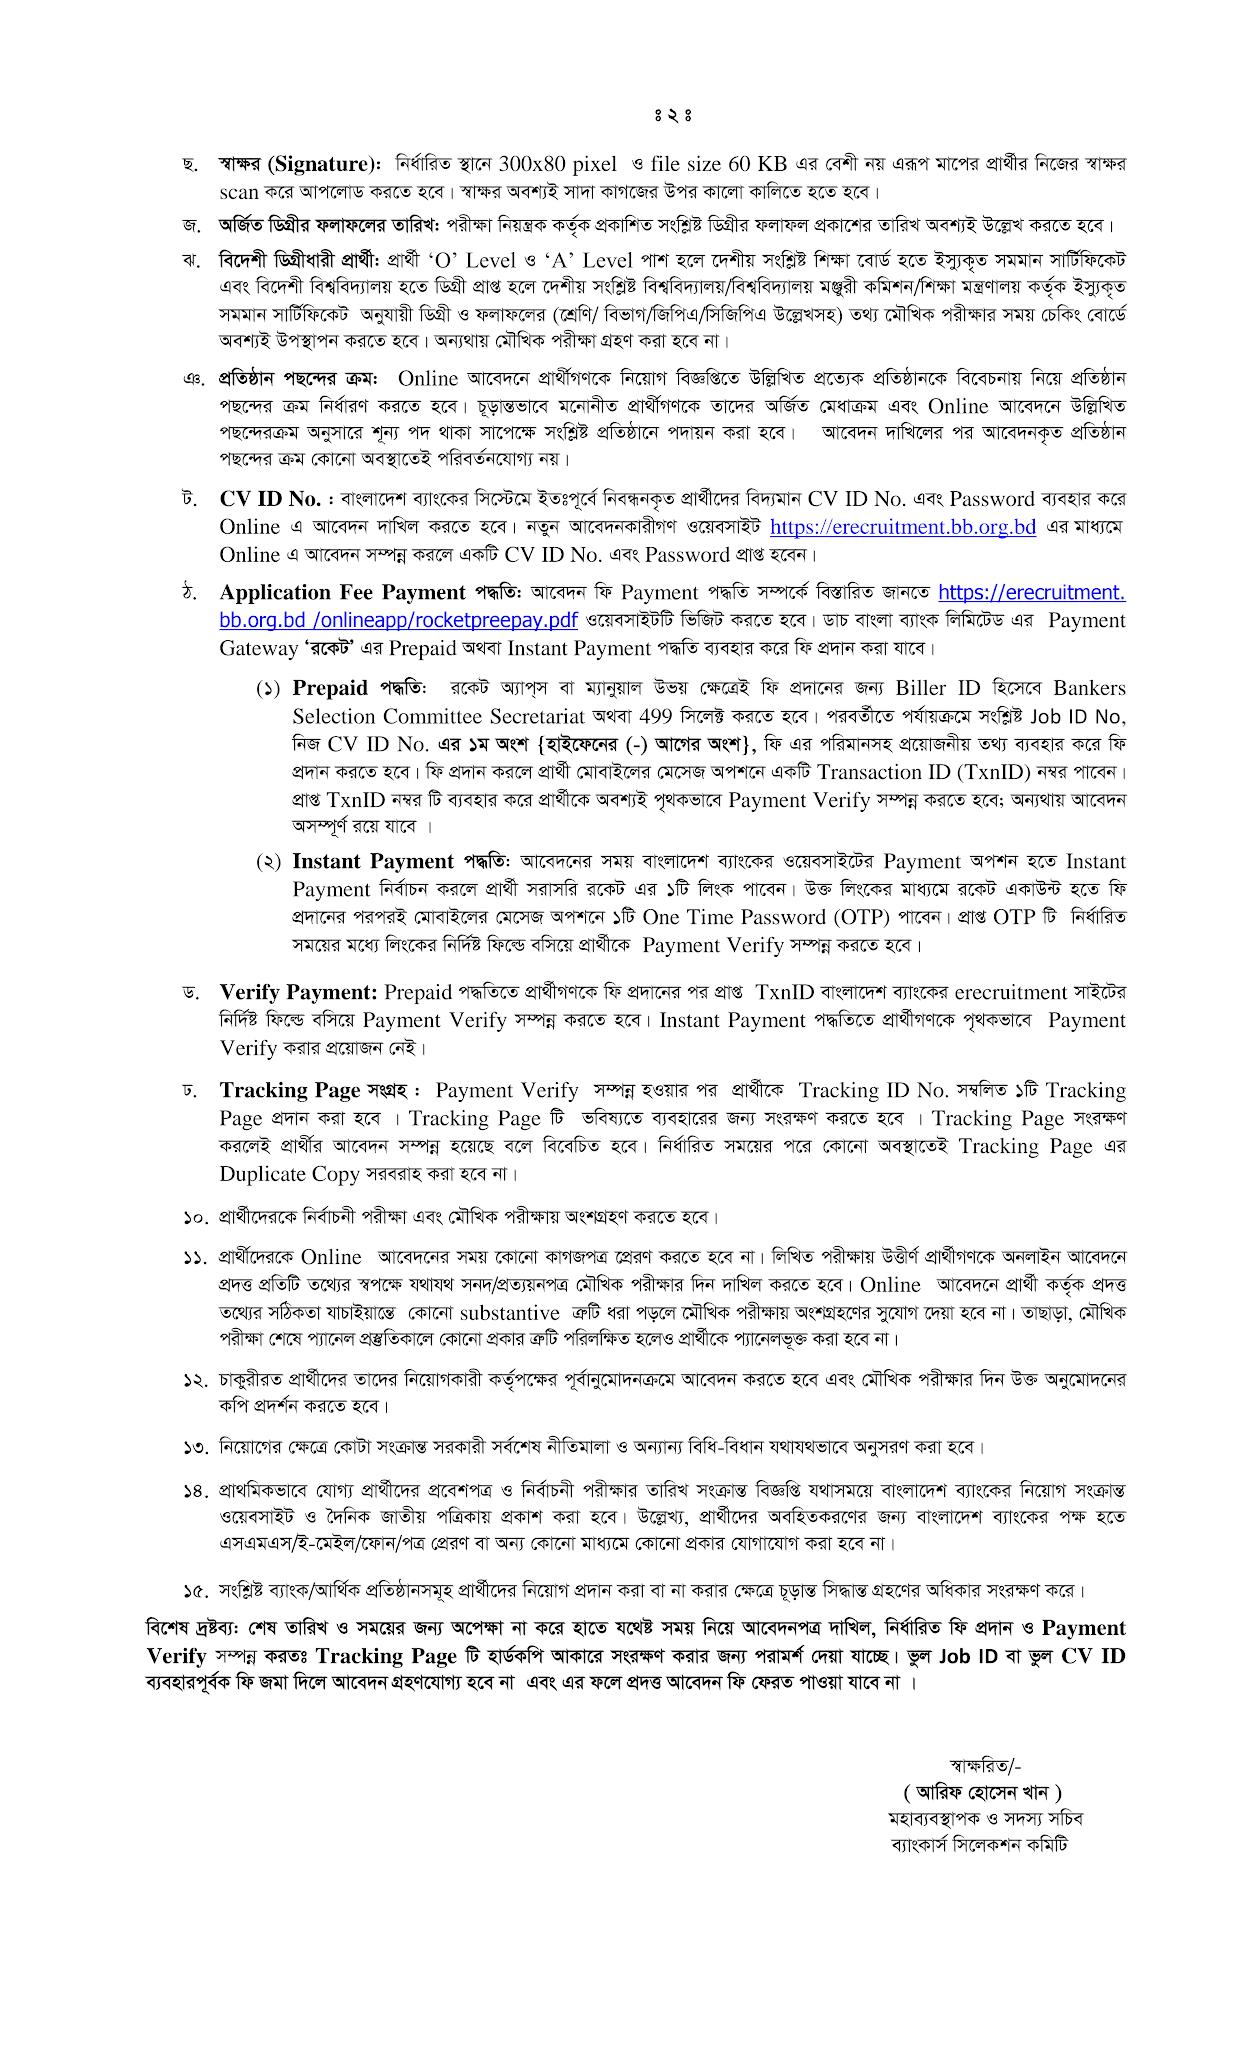 রাজশাহী কৃষি উন্নয়ন ব্যাংক নিয়োগ ২০২১